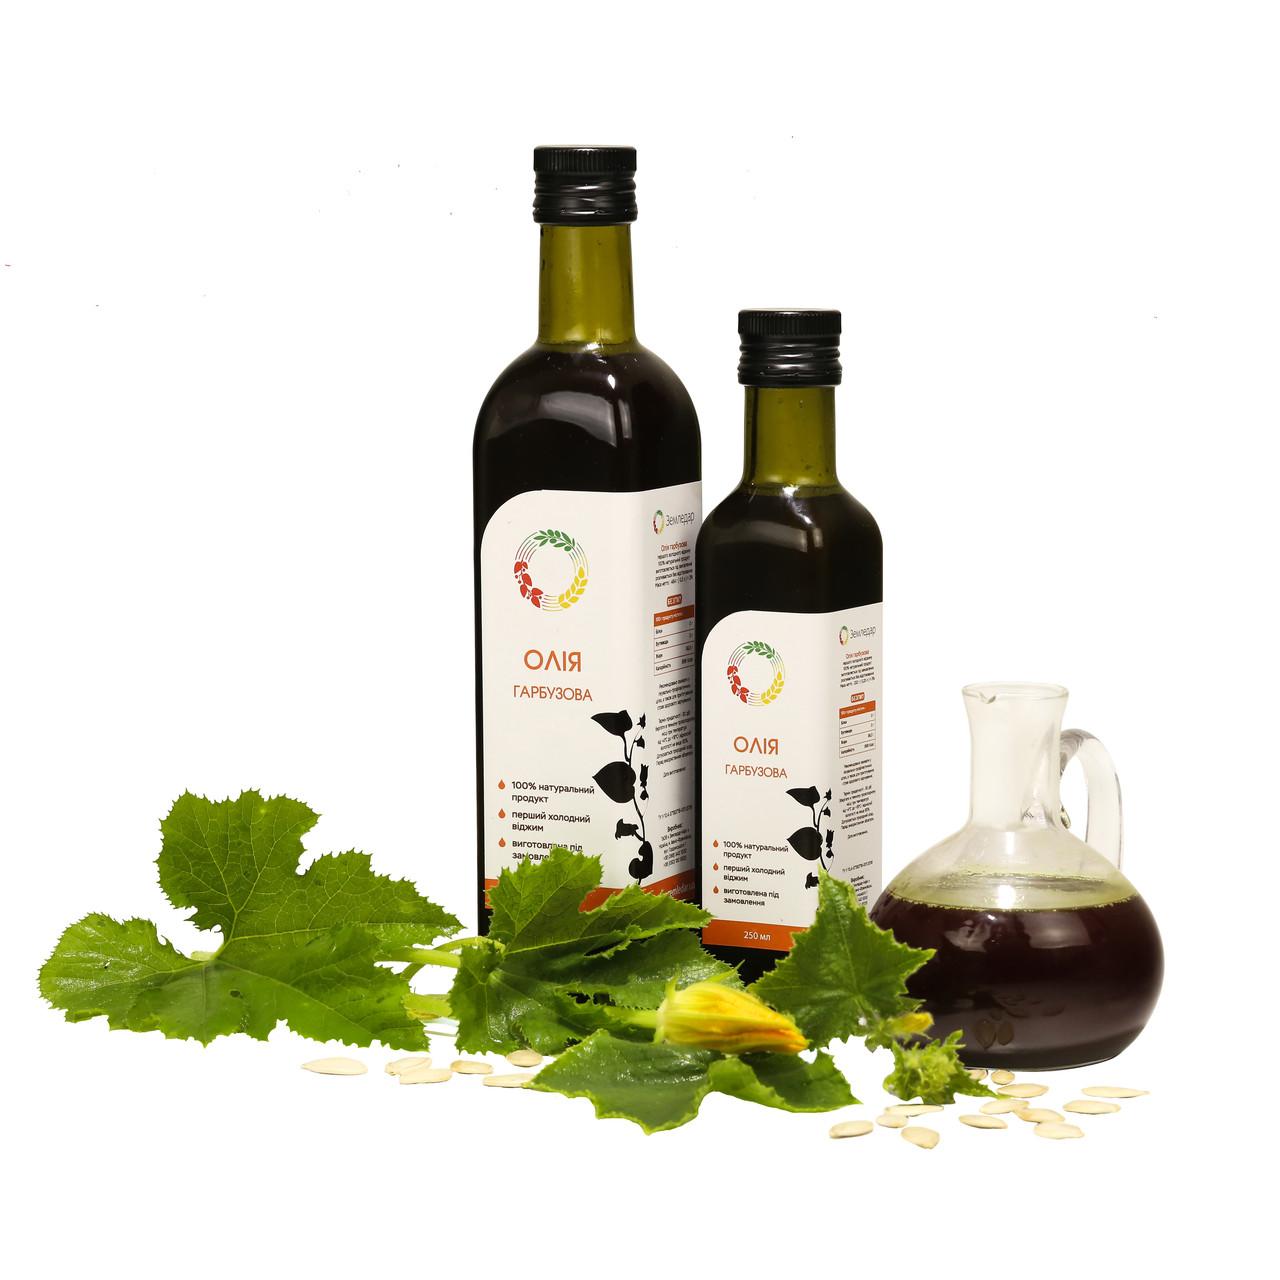 Тыквенное масло 0,5 л сертифицированное без ГМО сыродавленное холодного отжима